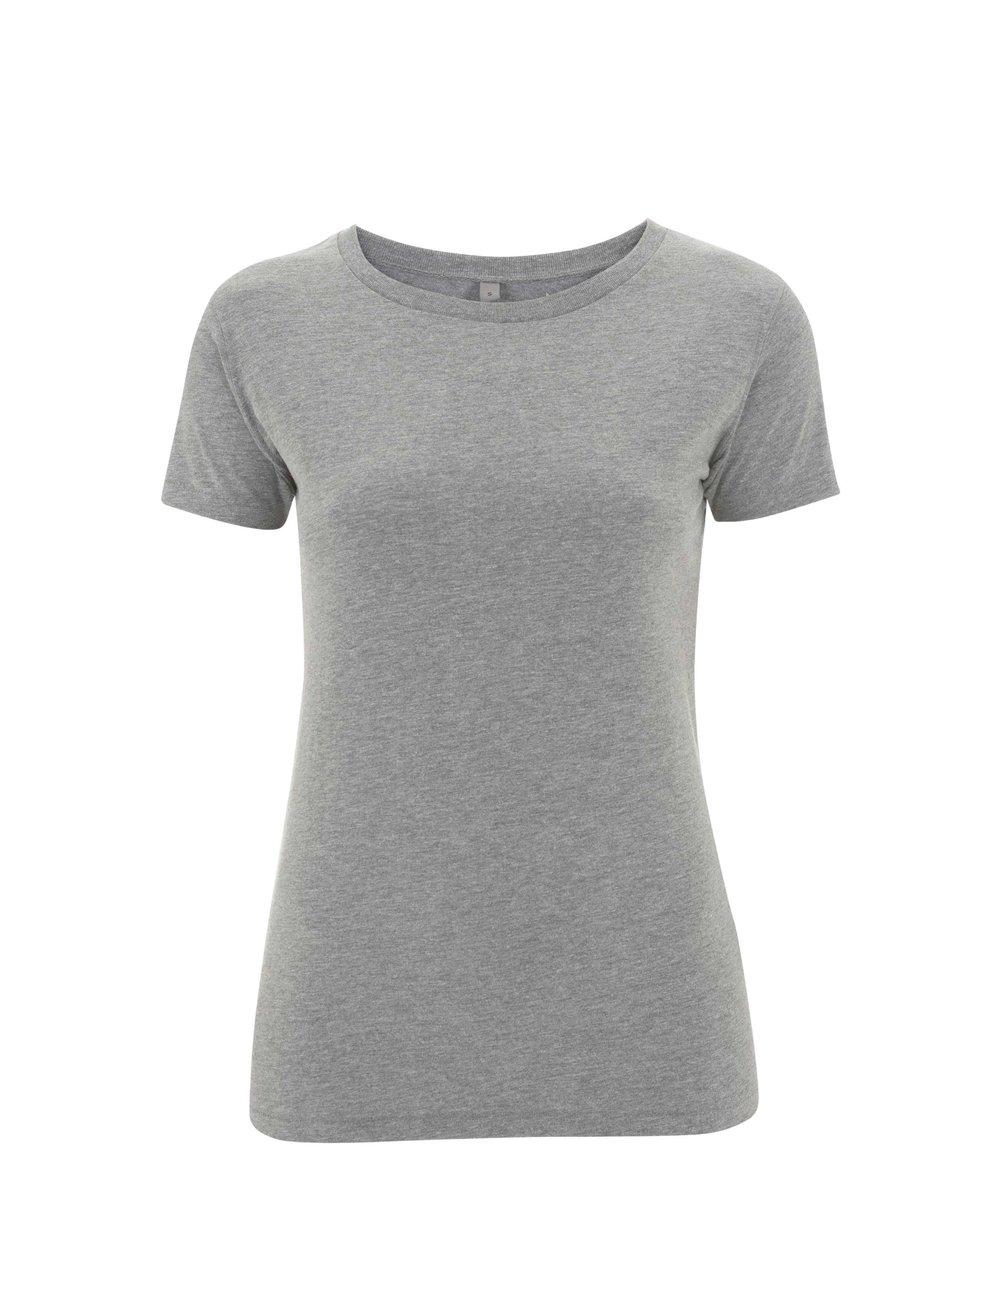 Melange Grey